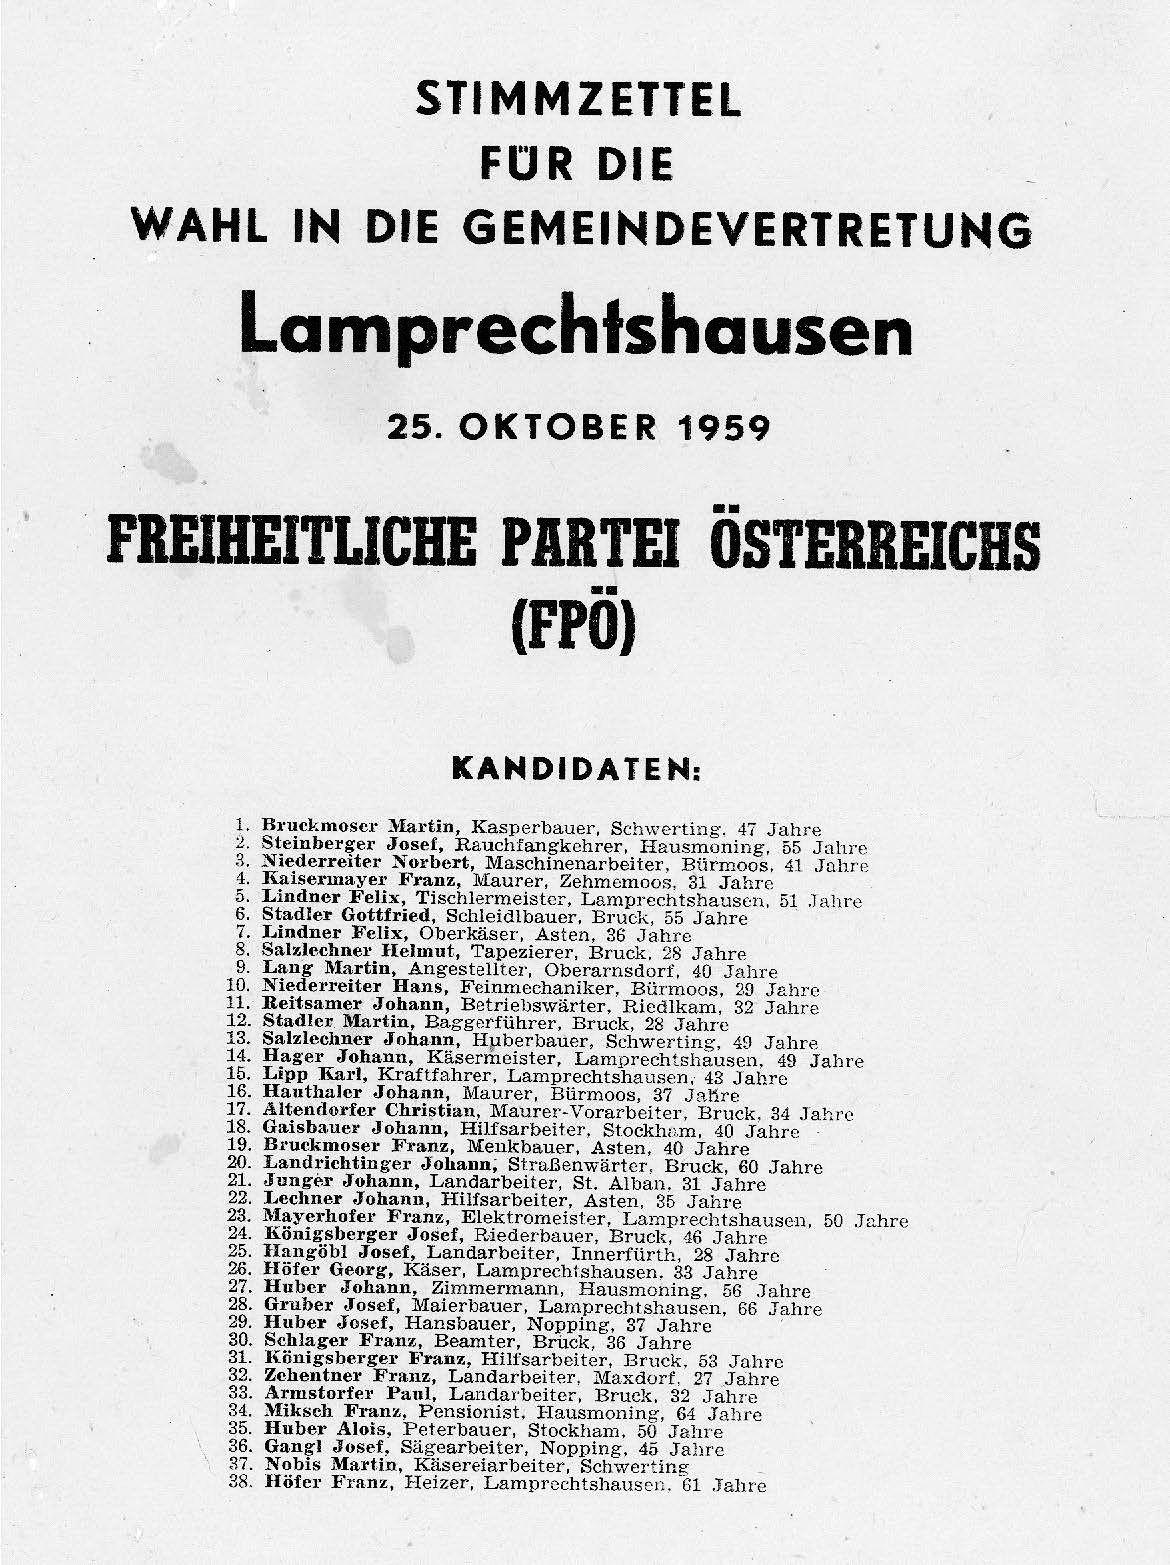 Kandidatenliste der ÖVP (Österreichische Volkspartei) und der FPÖ ( Freiheitlichen Partei Österreichs).